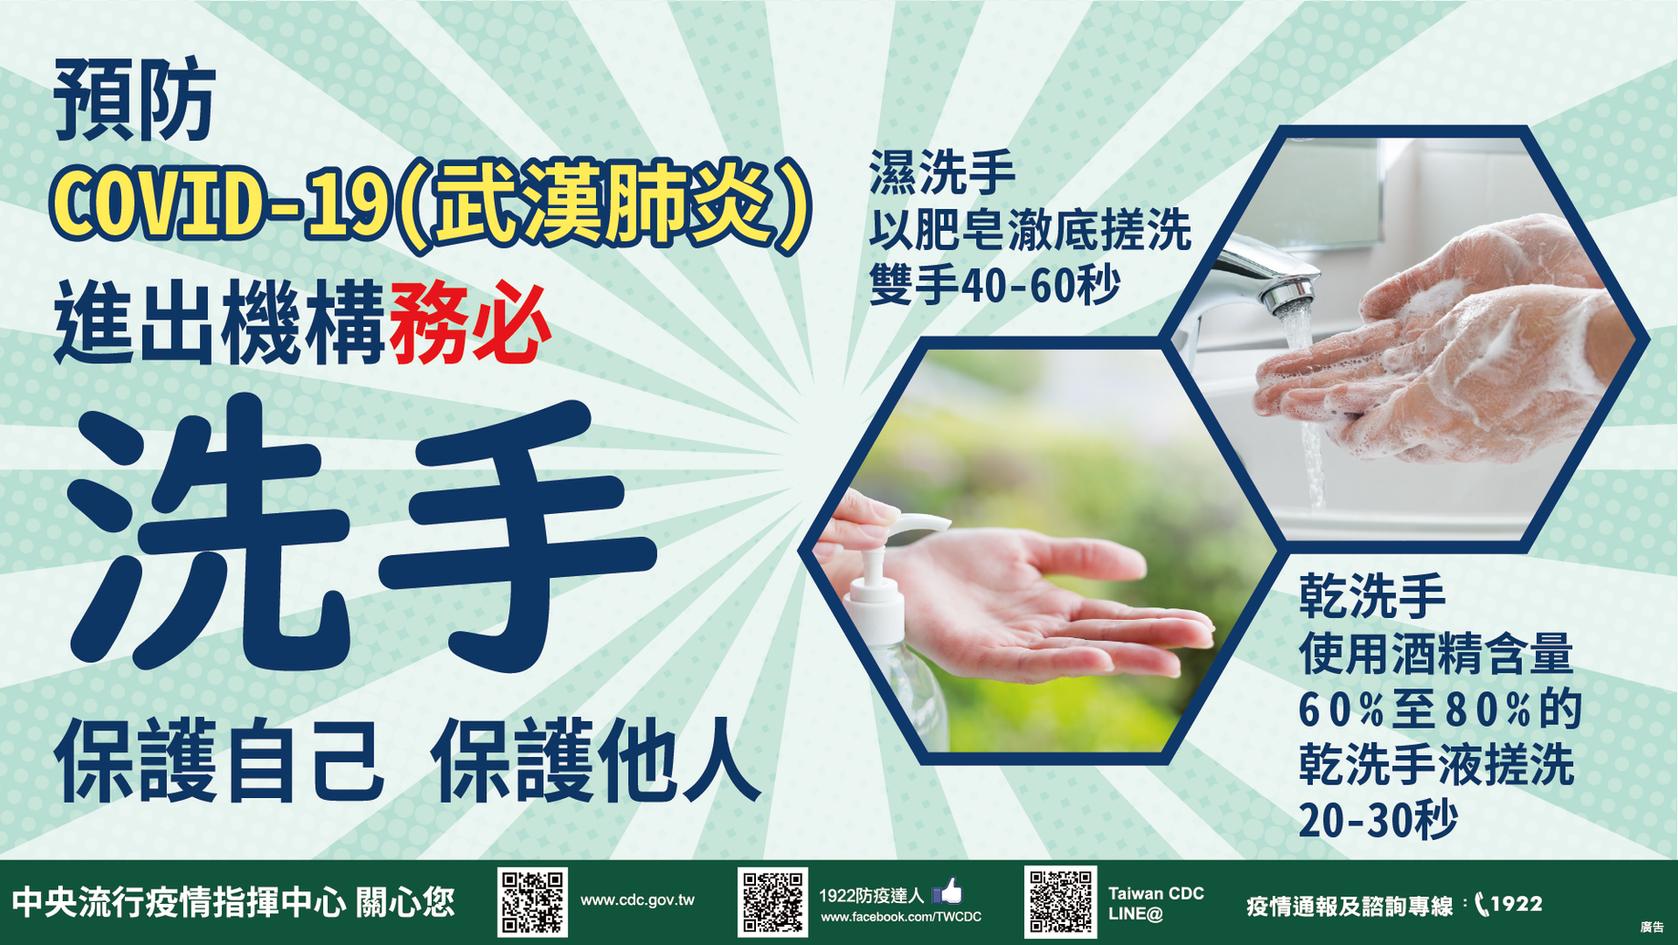 進出機構務必洗手-橫式(國語)